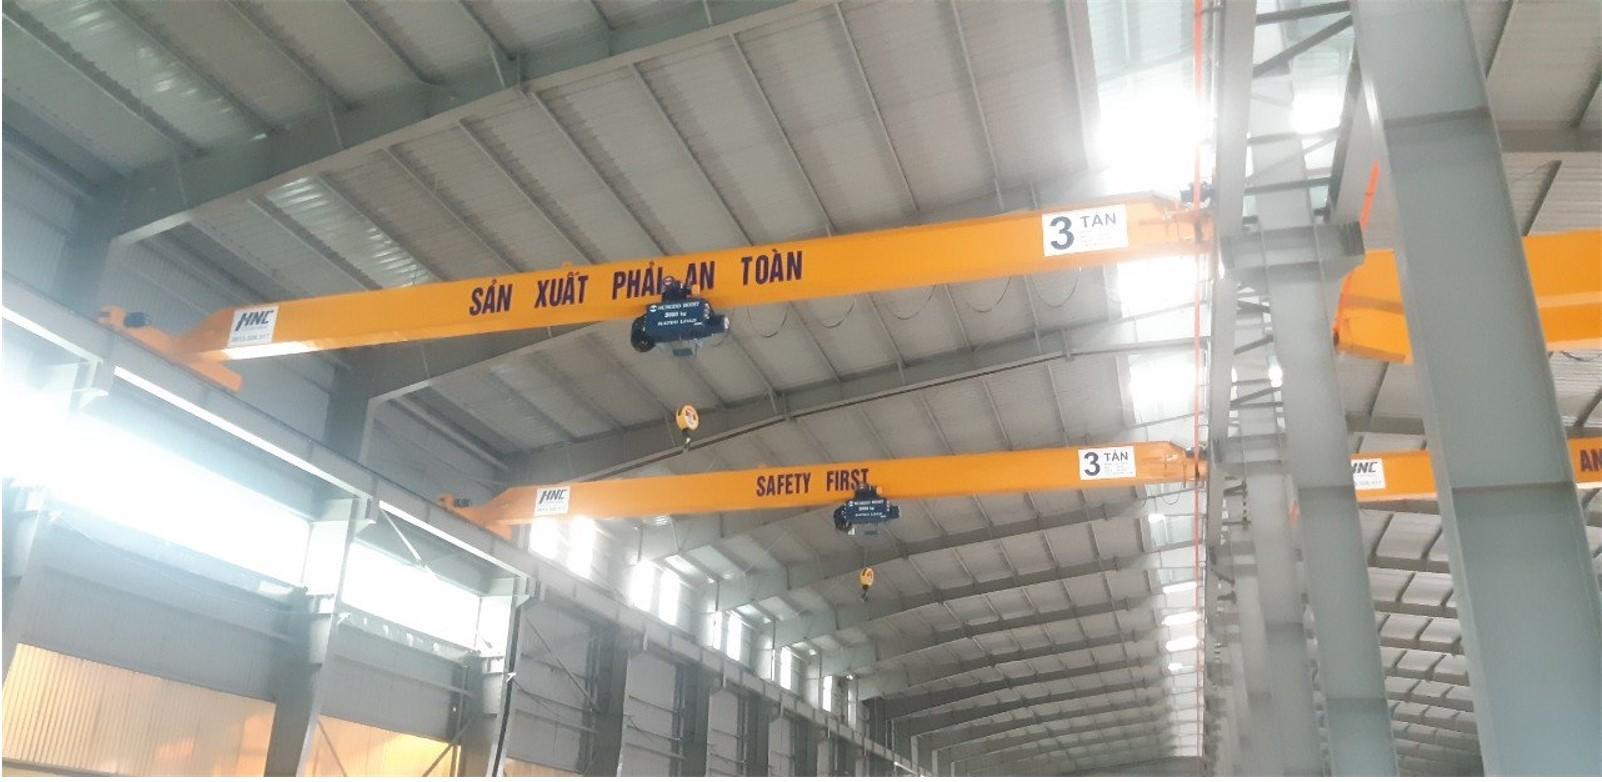 Cầu trục dầm đơn 3 tấn lắp đặt tại dự án :Vinafrit kcn Tiền Hải Thái Bình